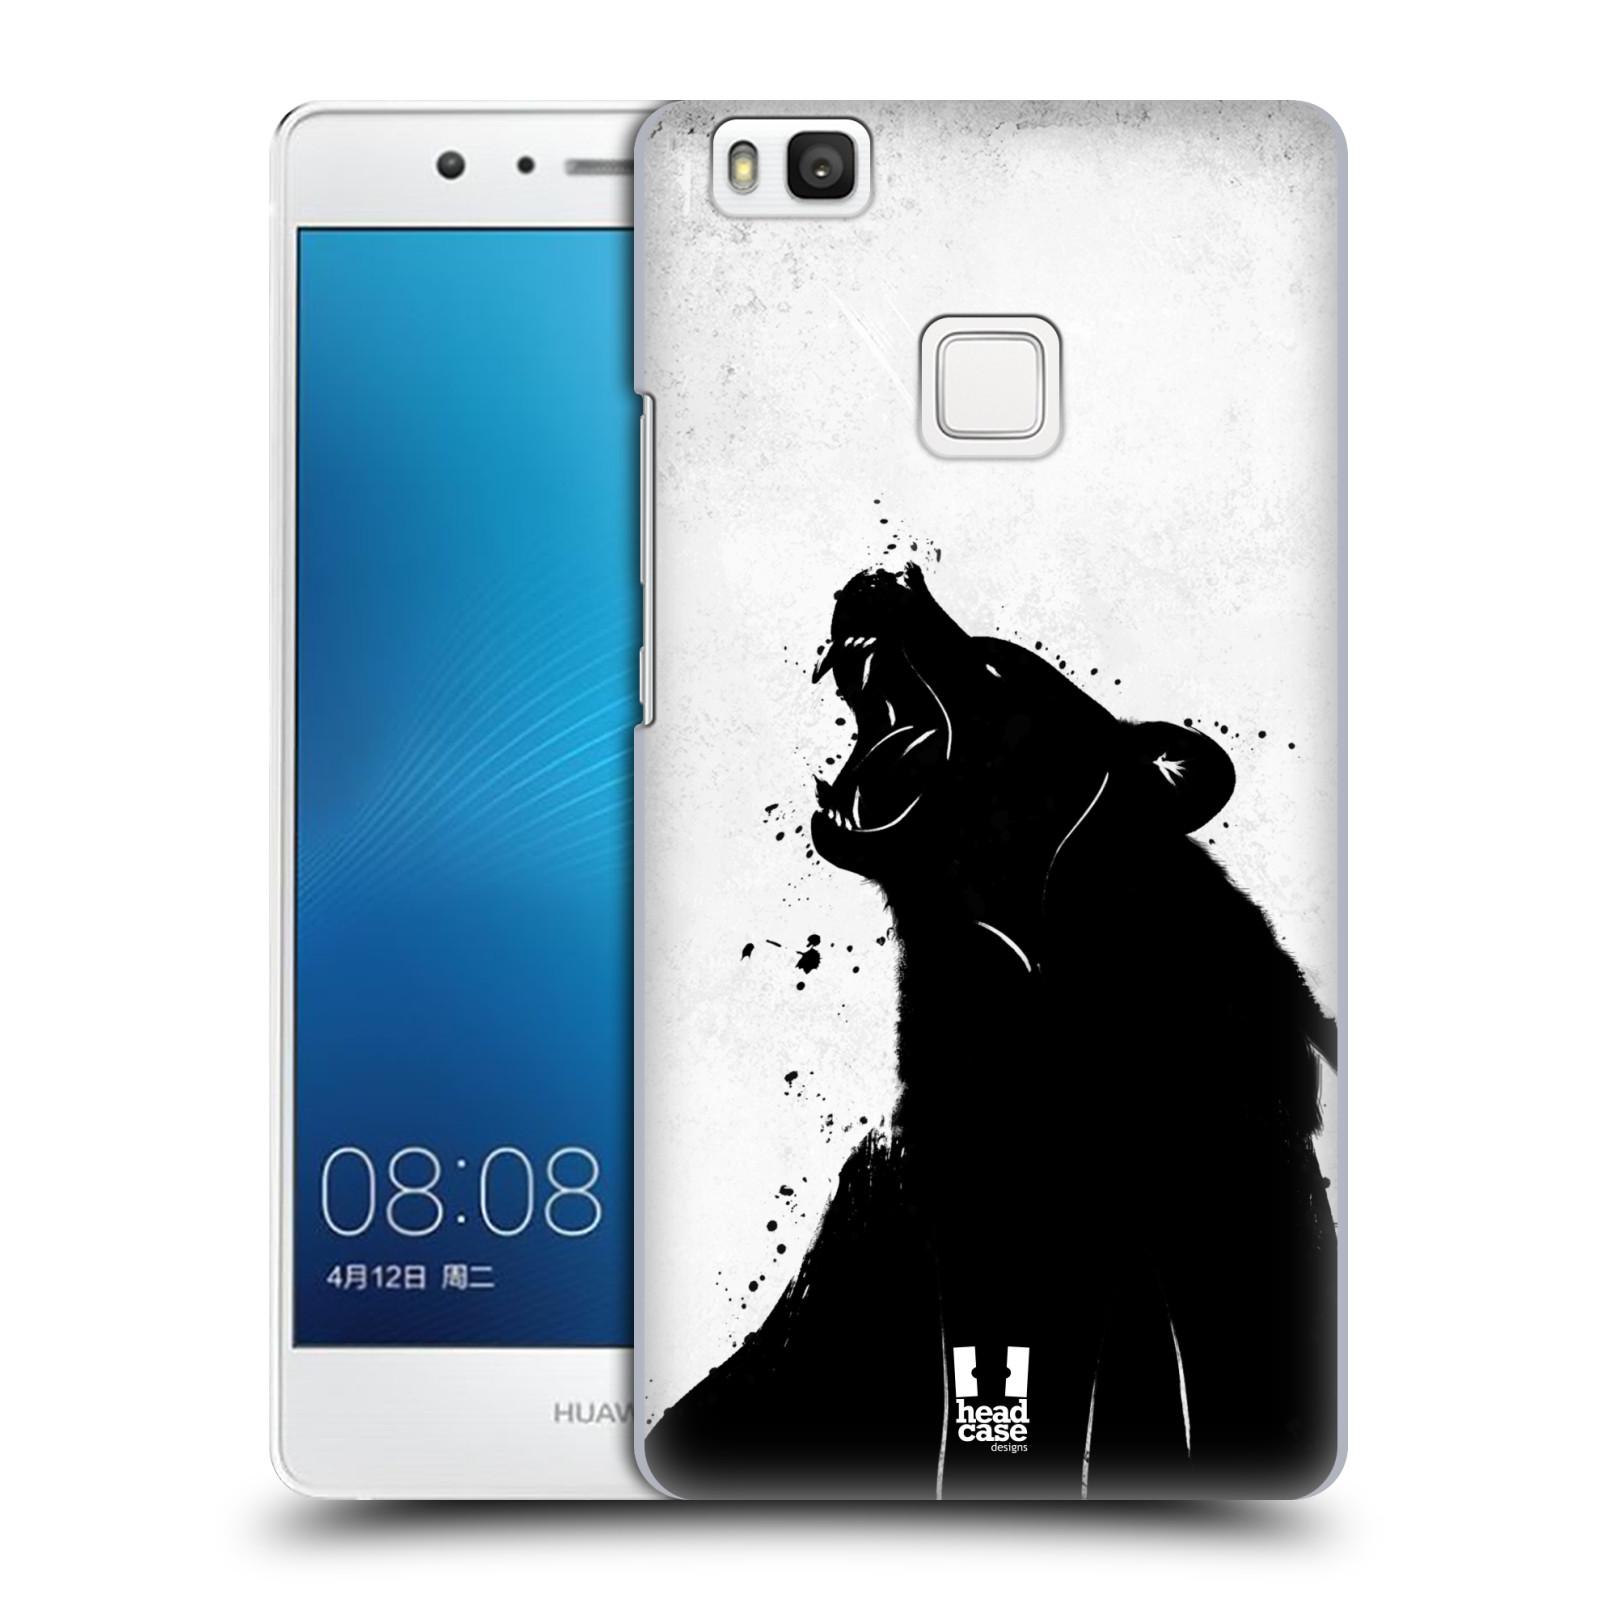 HEAD CASE plastový obal na mobil Huawei P9 LITE / P9 LITE DUAL SIM vzor Kresba tuš zvíře medvěd